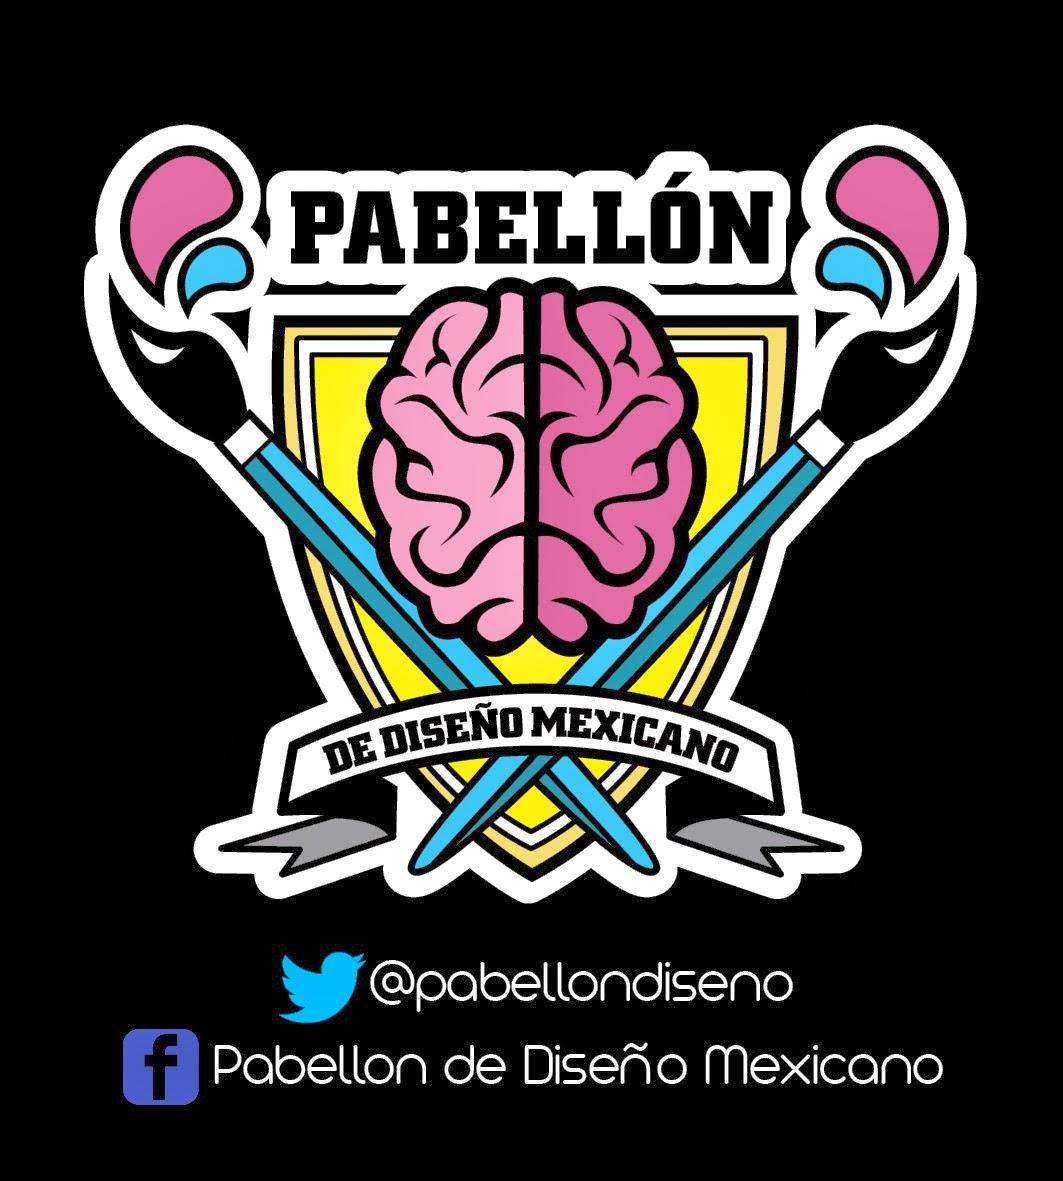 Encuentranos en Pabellon de Diseño Mexicano